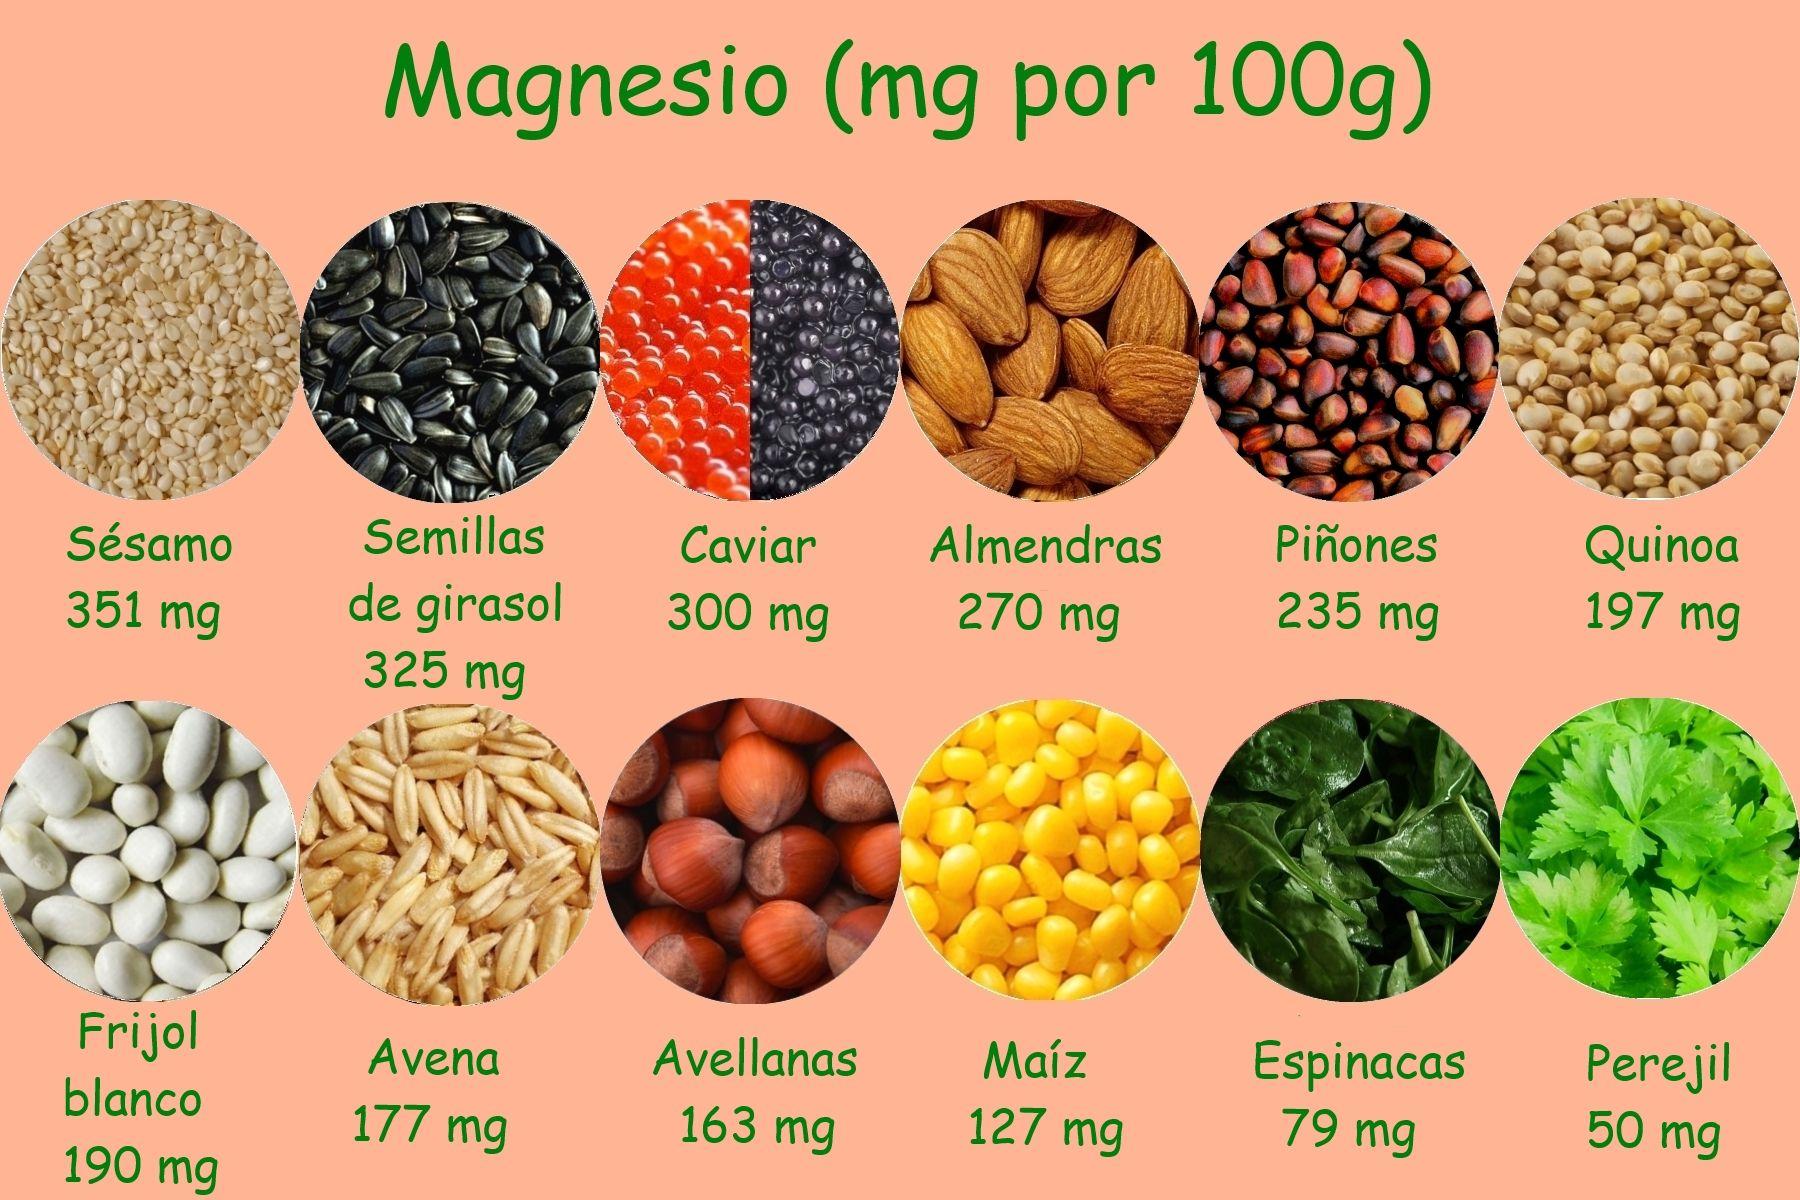 Alimentos ricos en magnesio alimentos y nutrientes pinterest el magnesio alimentos y salud - En que alimentos encontramos magnesio ...